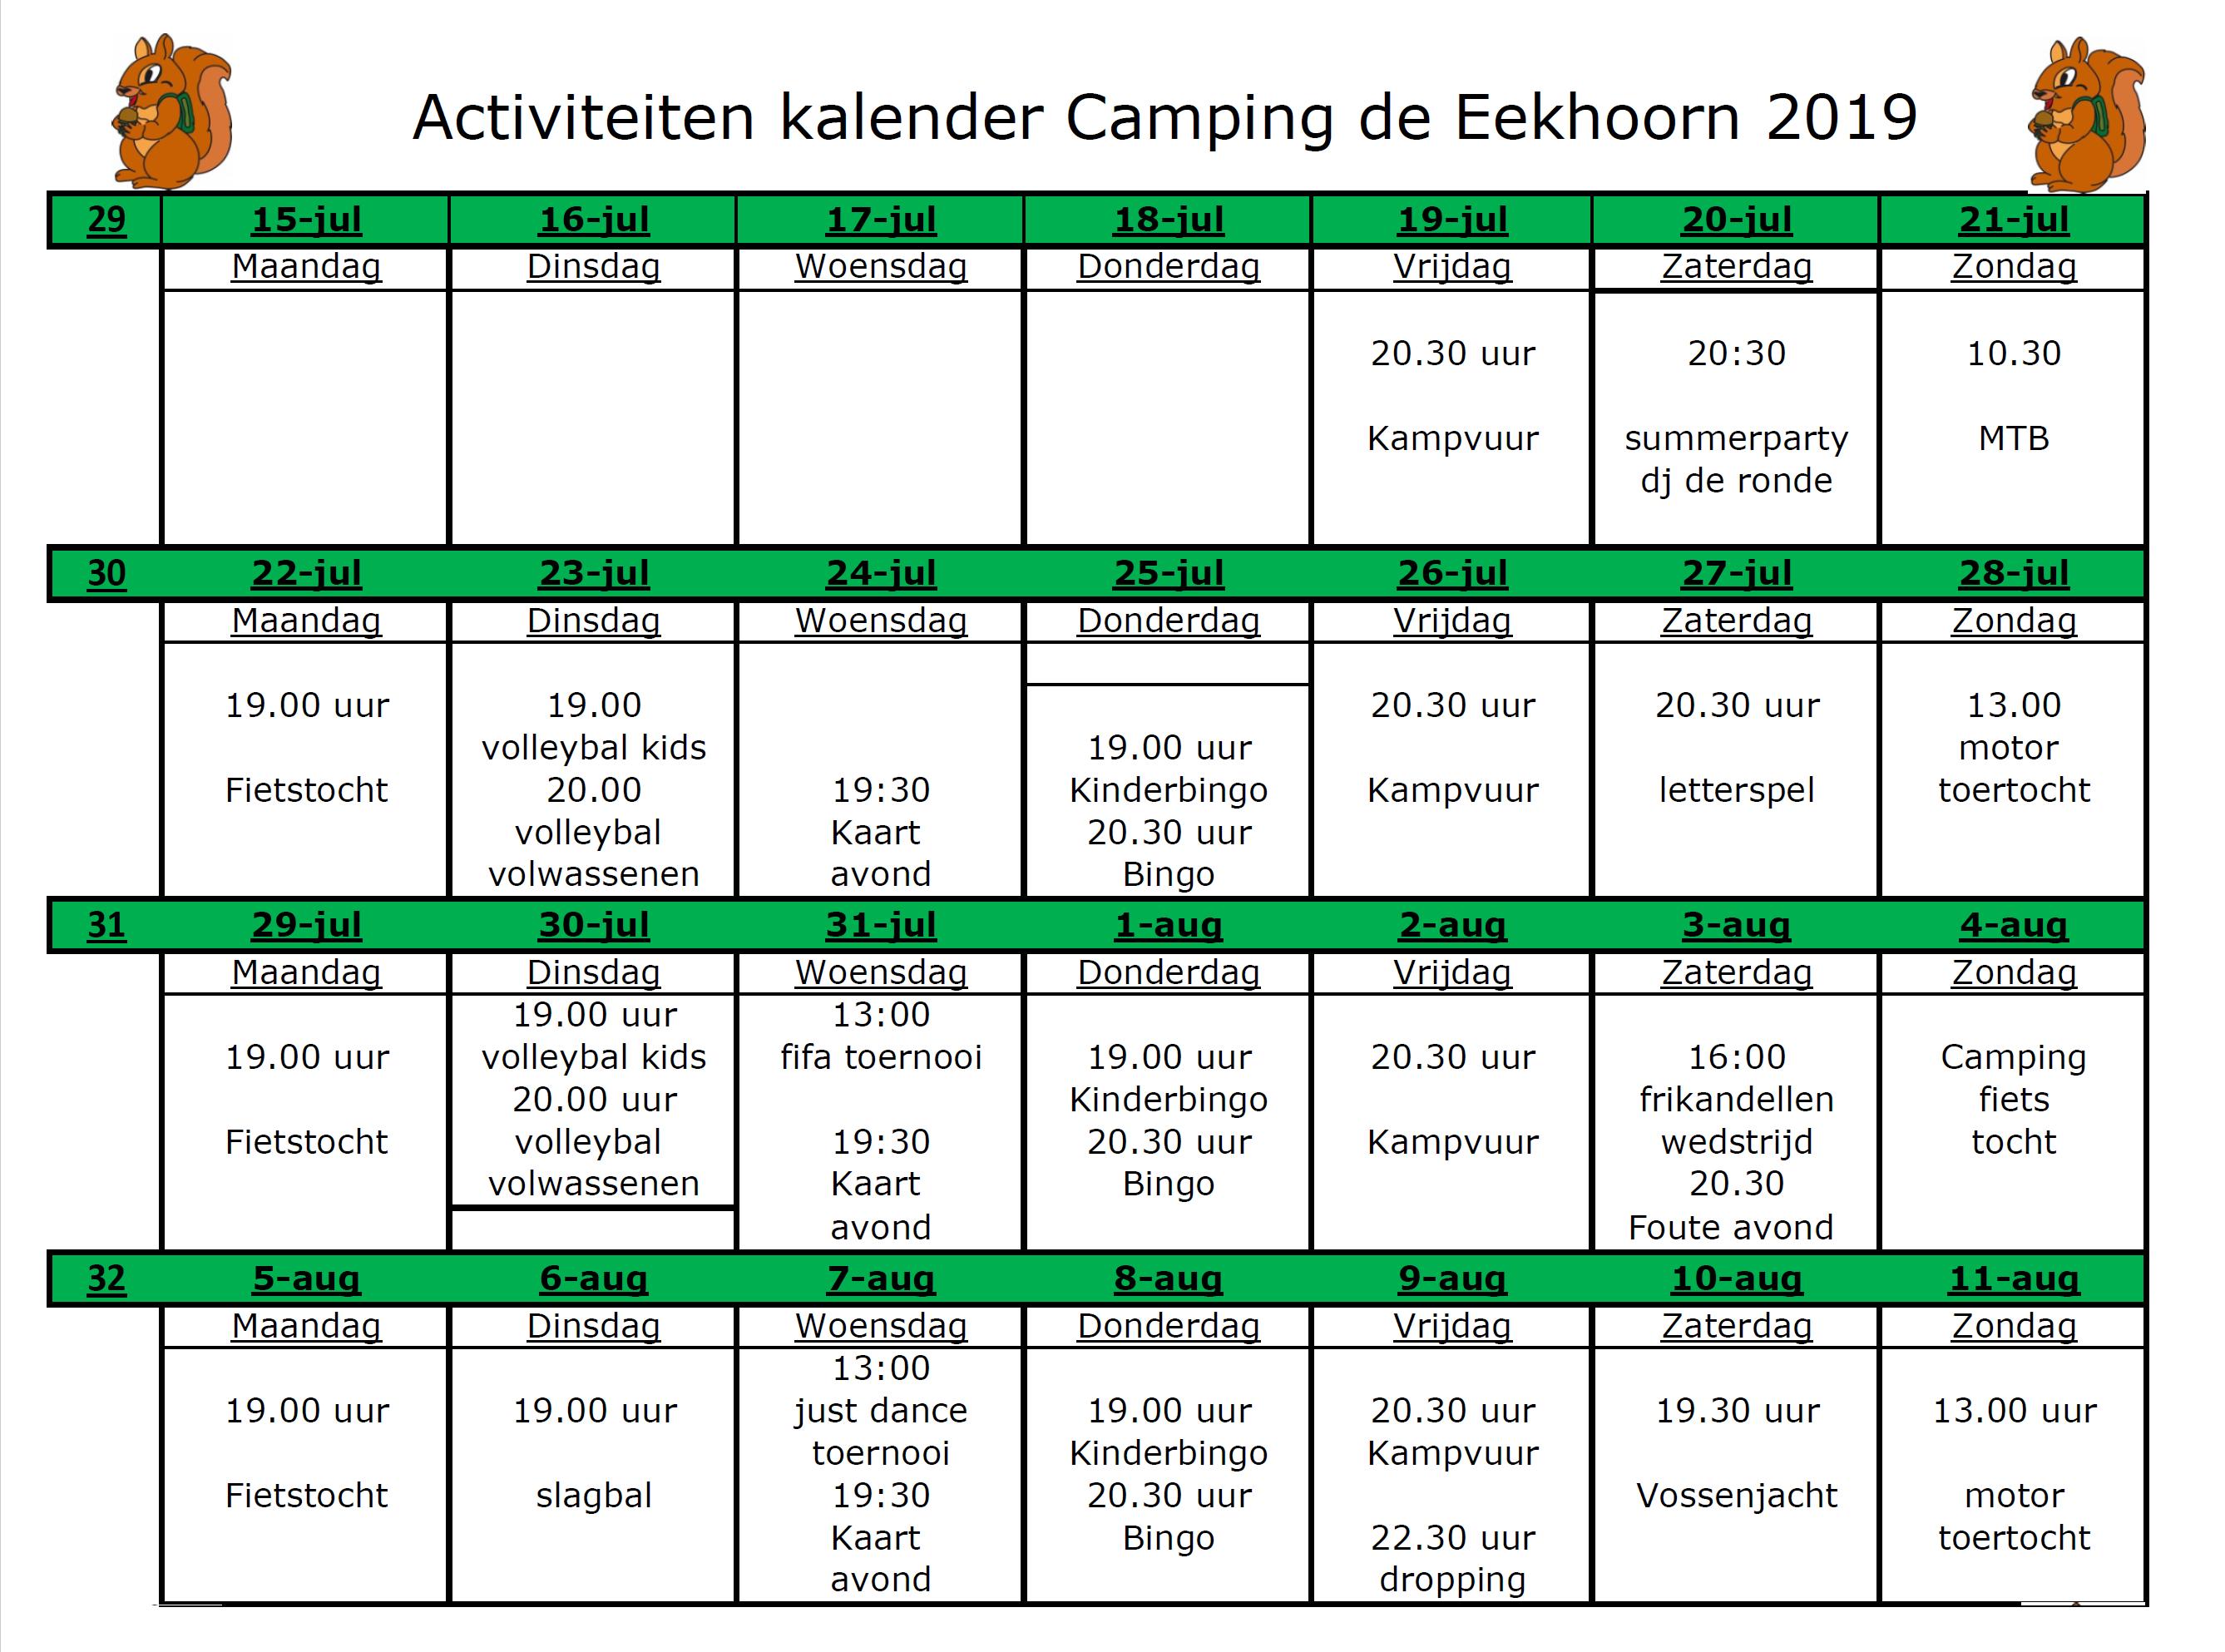 Activiteitenkalender juli en augustus - Camping de Eekhoorn